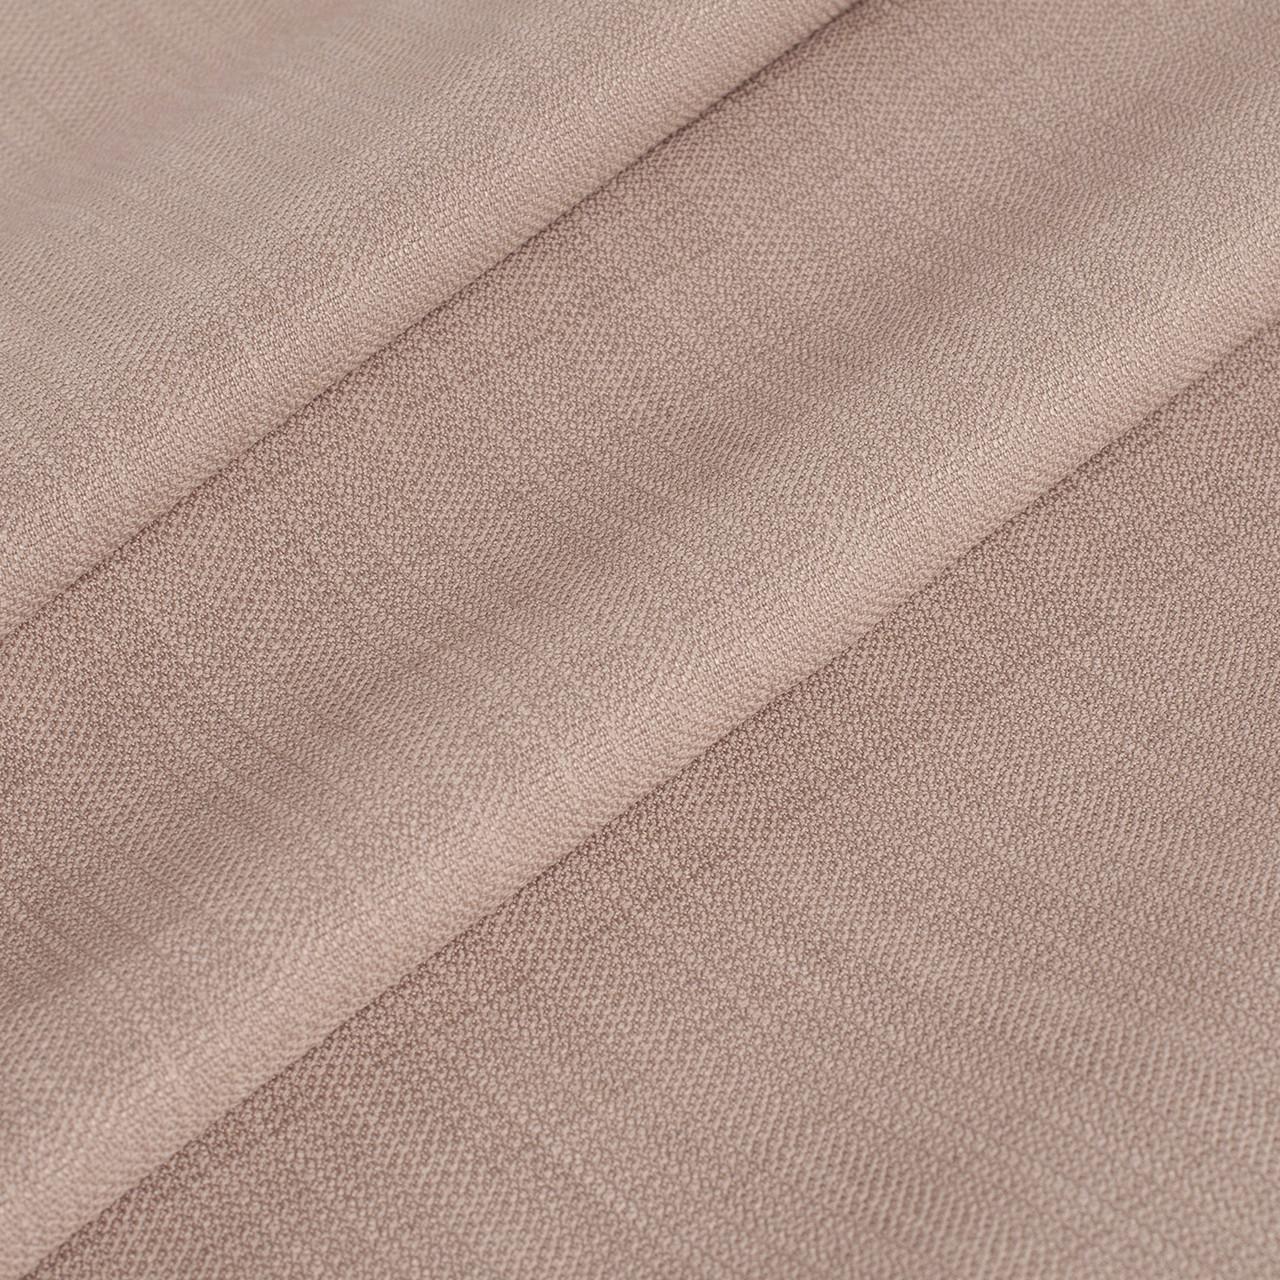 Ткань рогожка фактурная однотонная бежево-персиковая для штор